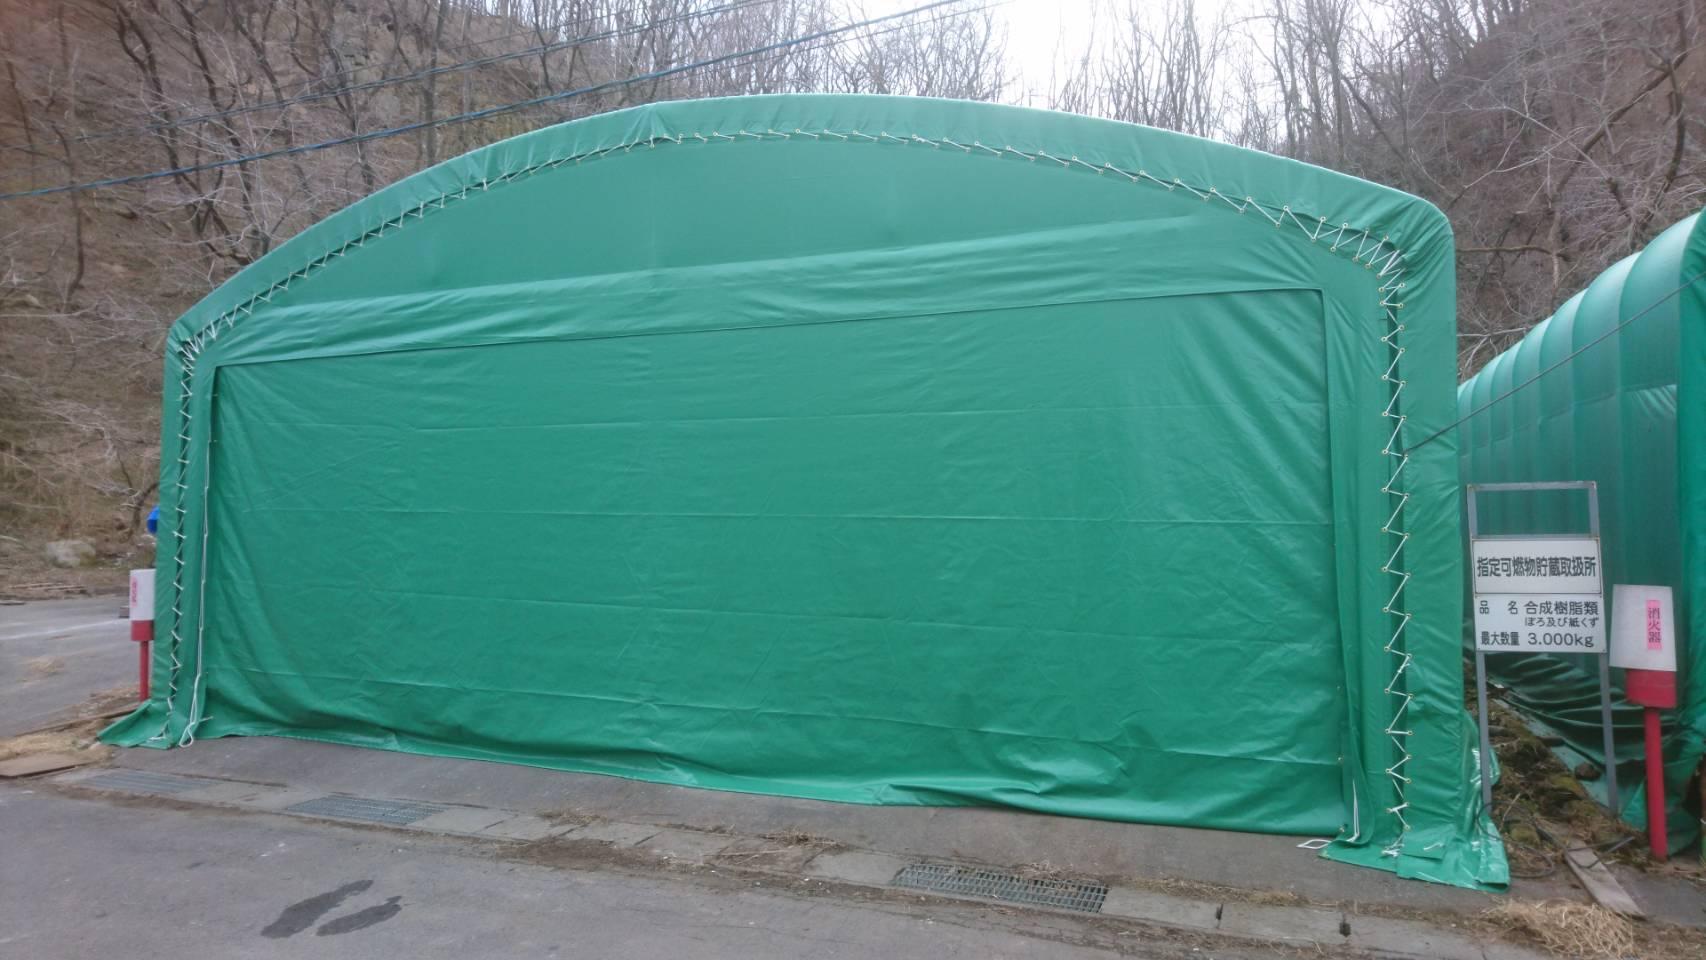 テント倉庫(張替え修理)